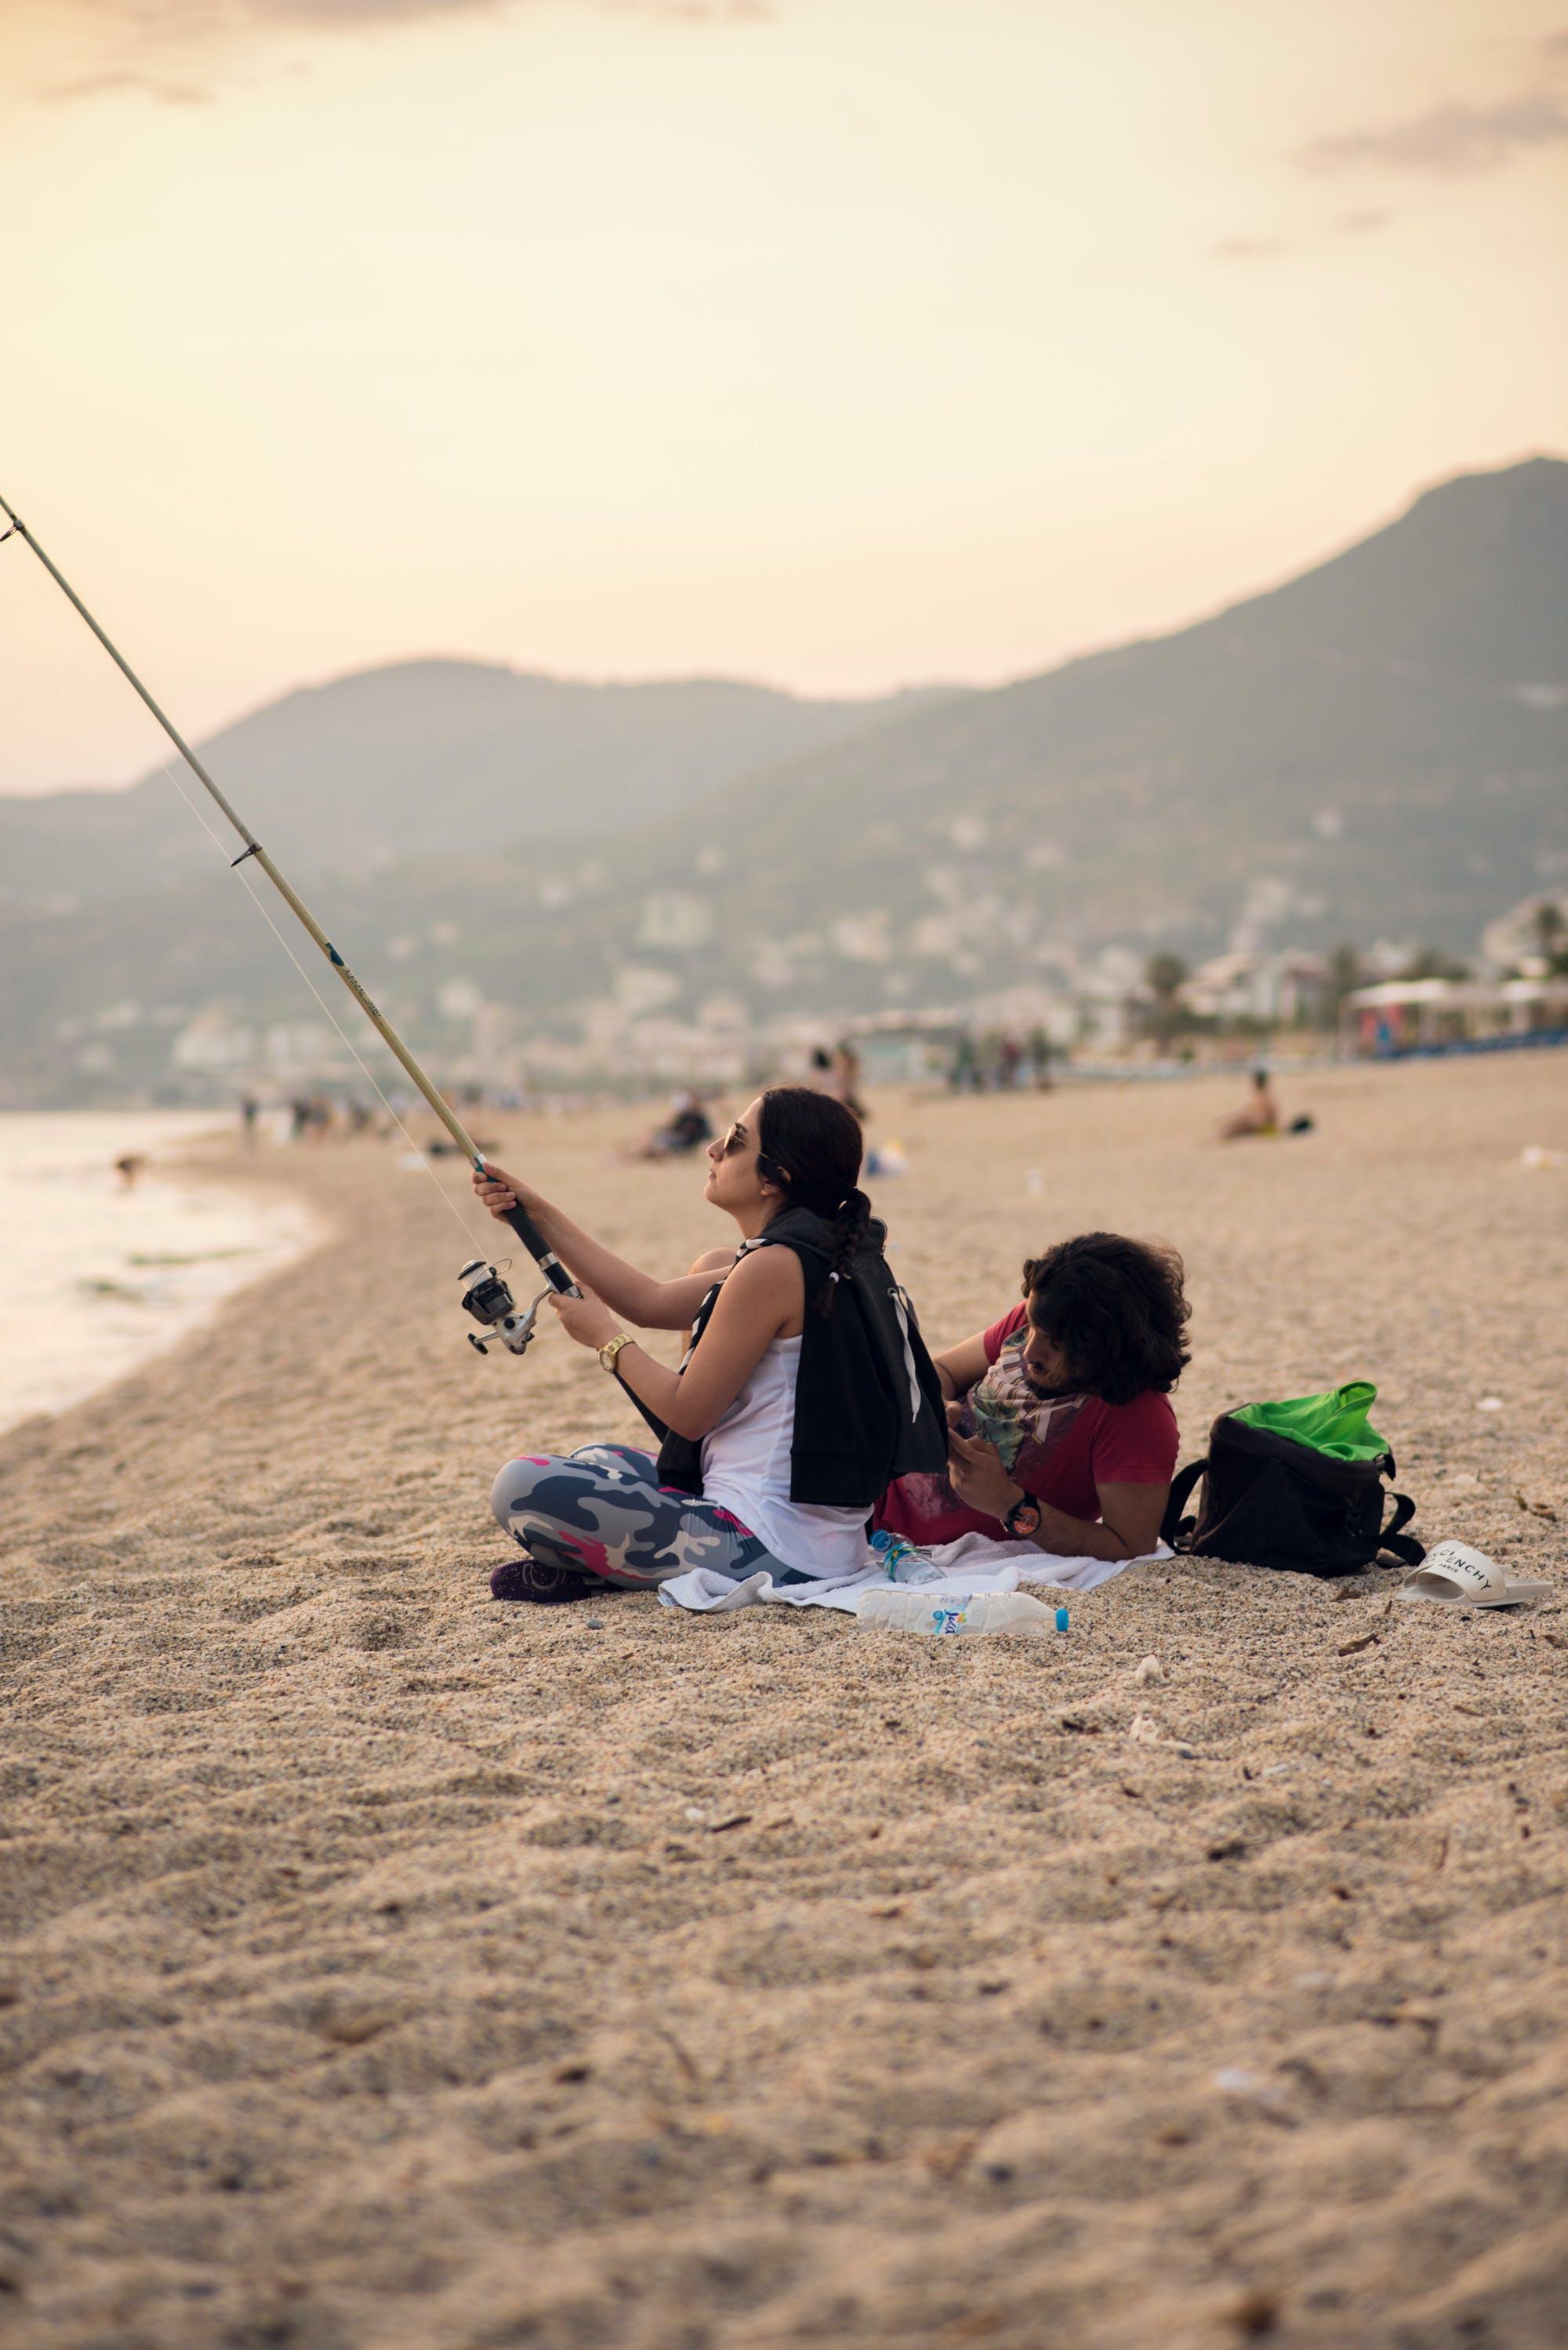 Δωρεάν στοκ φωτογραφιών με αλιεία, ερωτευμένος, παραλία